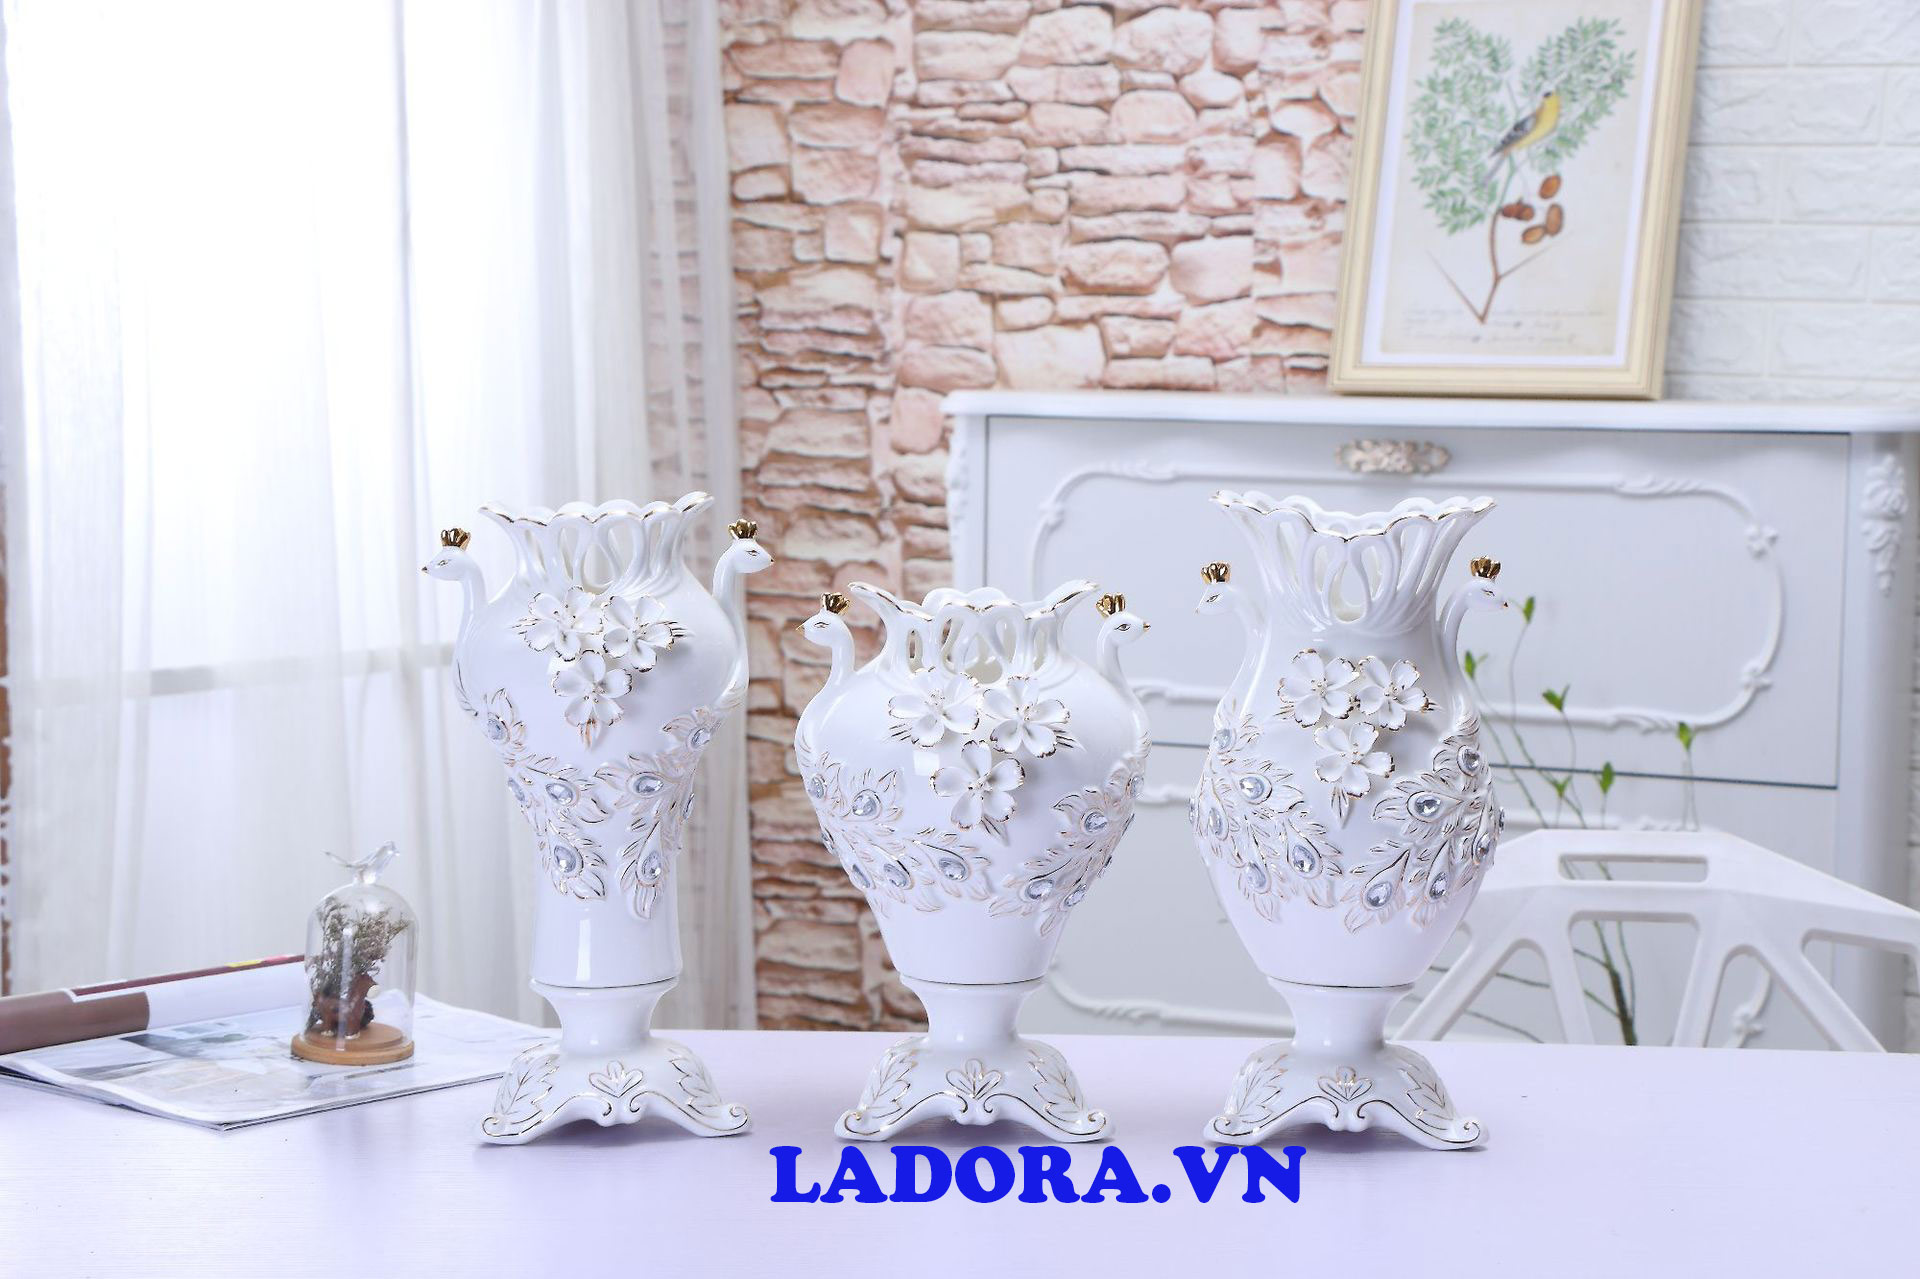 lọ hoa gốm sứ đẹp tại shop bán đồ trang trí nhà ở hà nội ladora